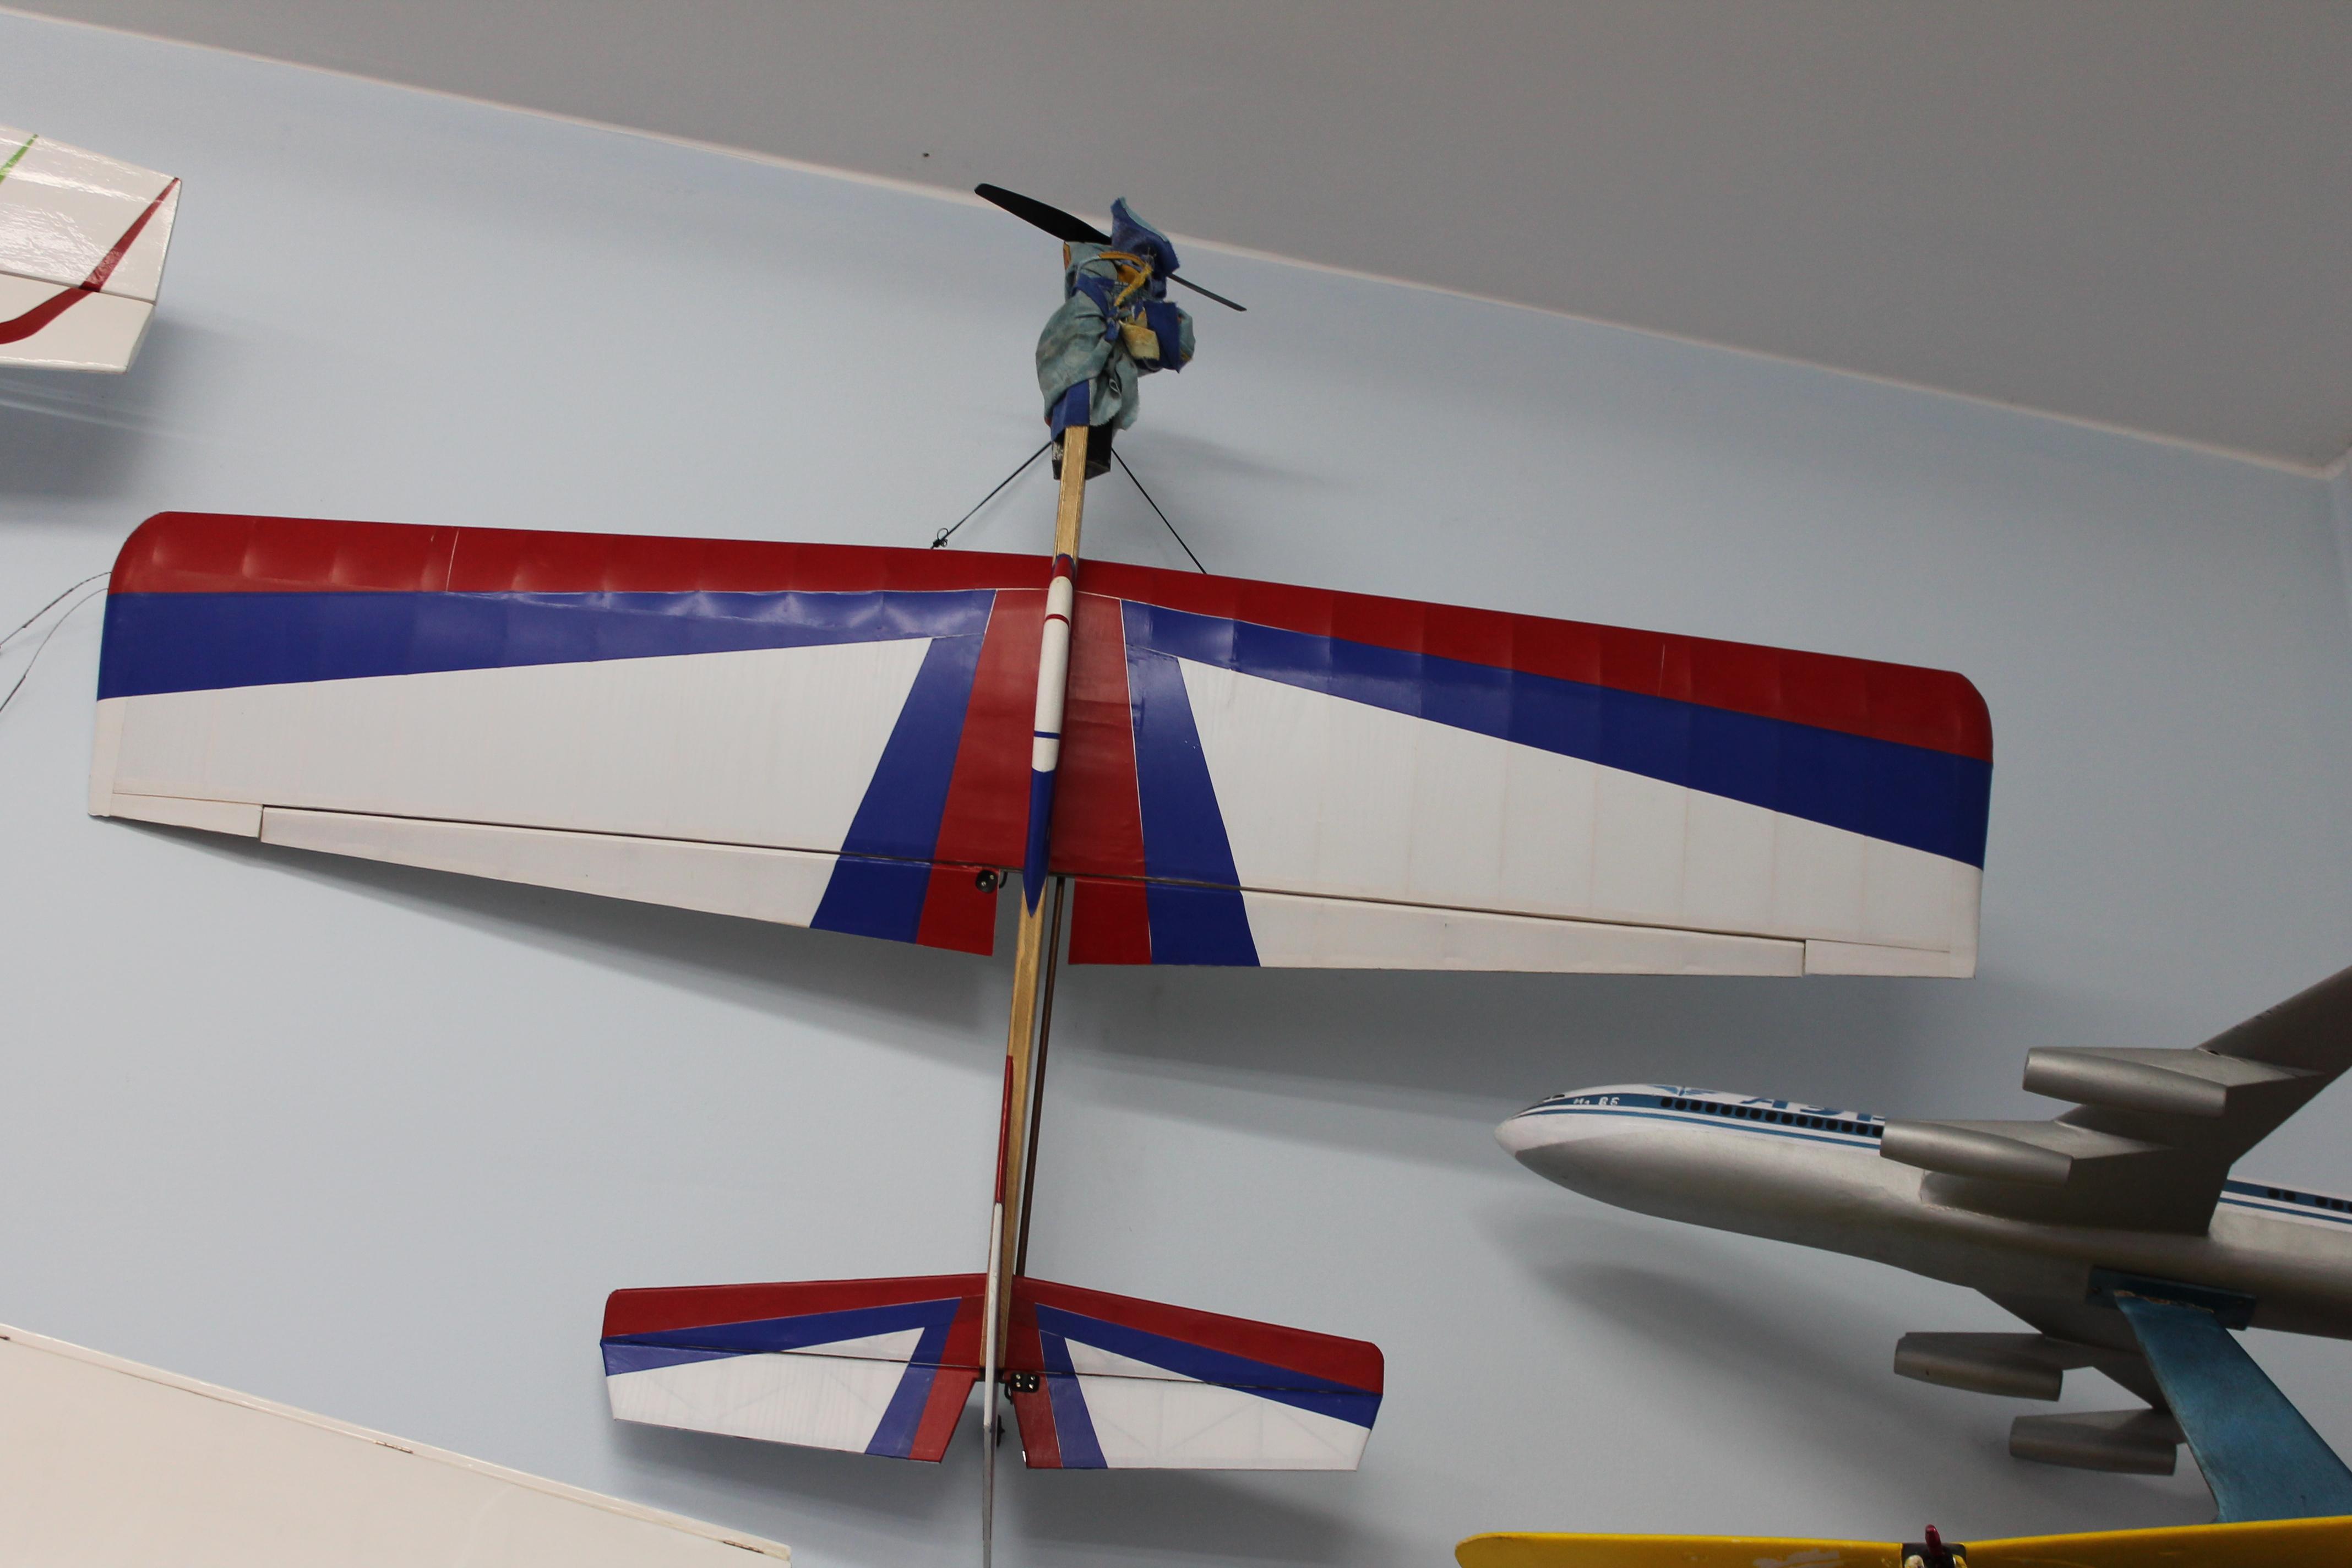 Комнатный самолет своими руками